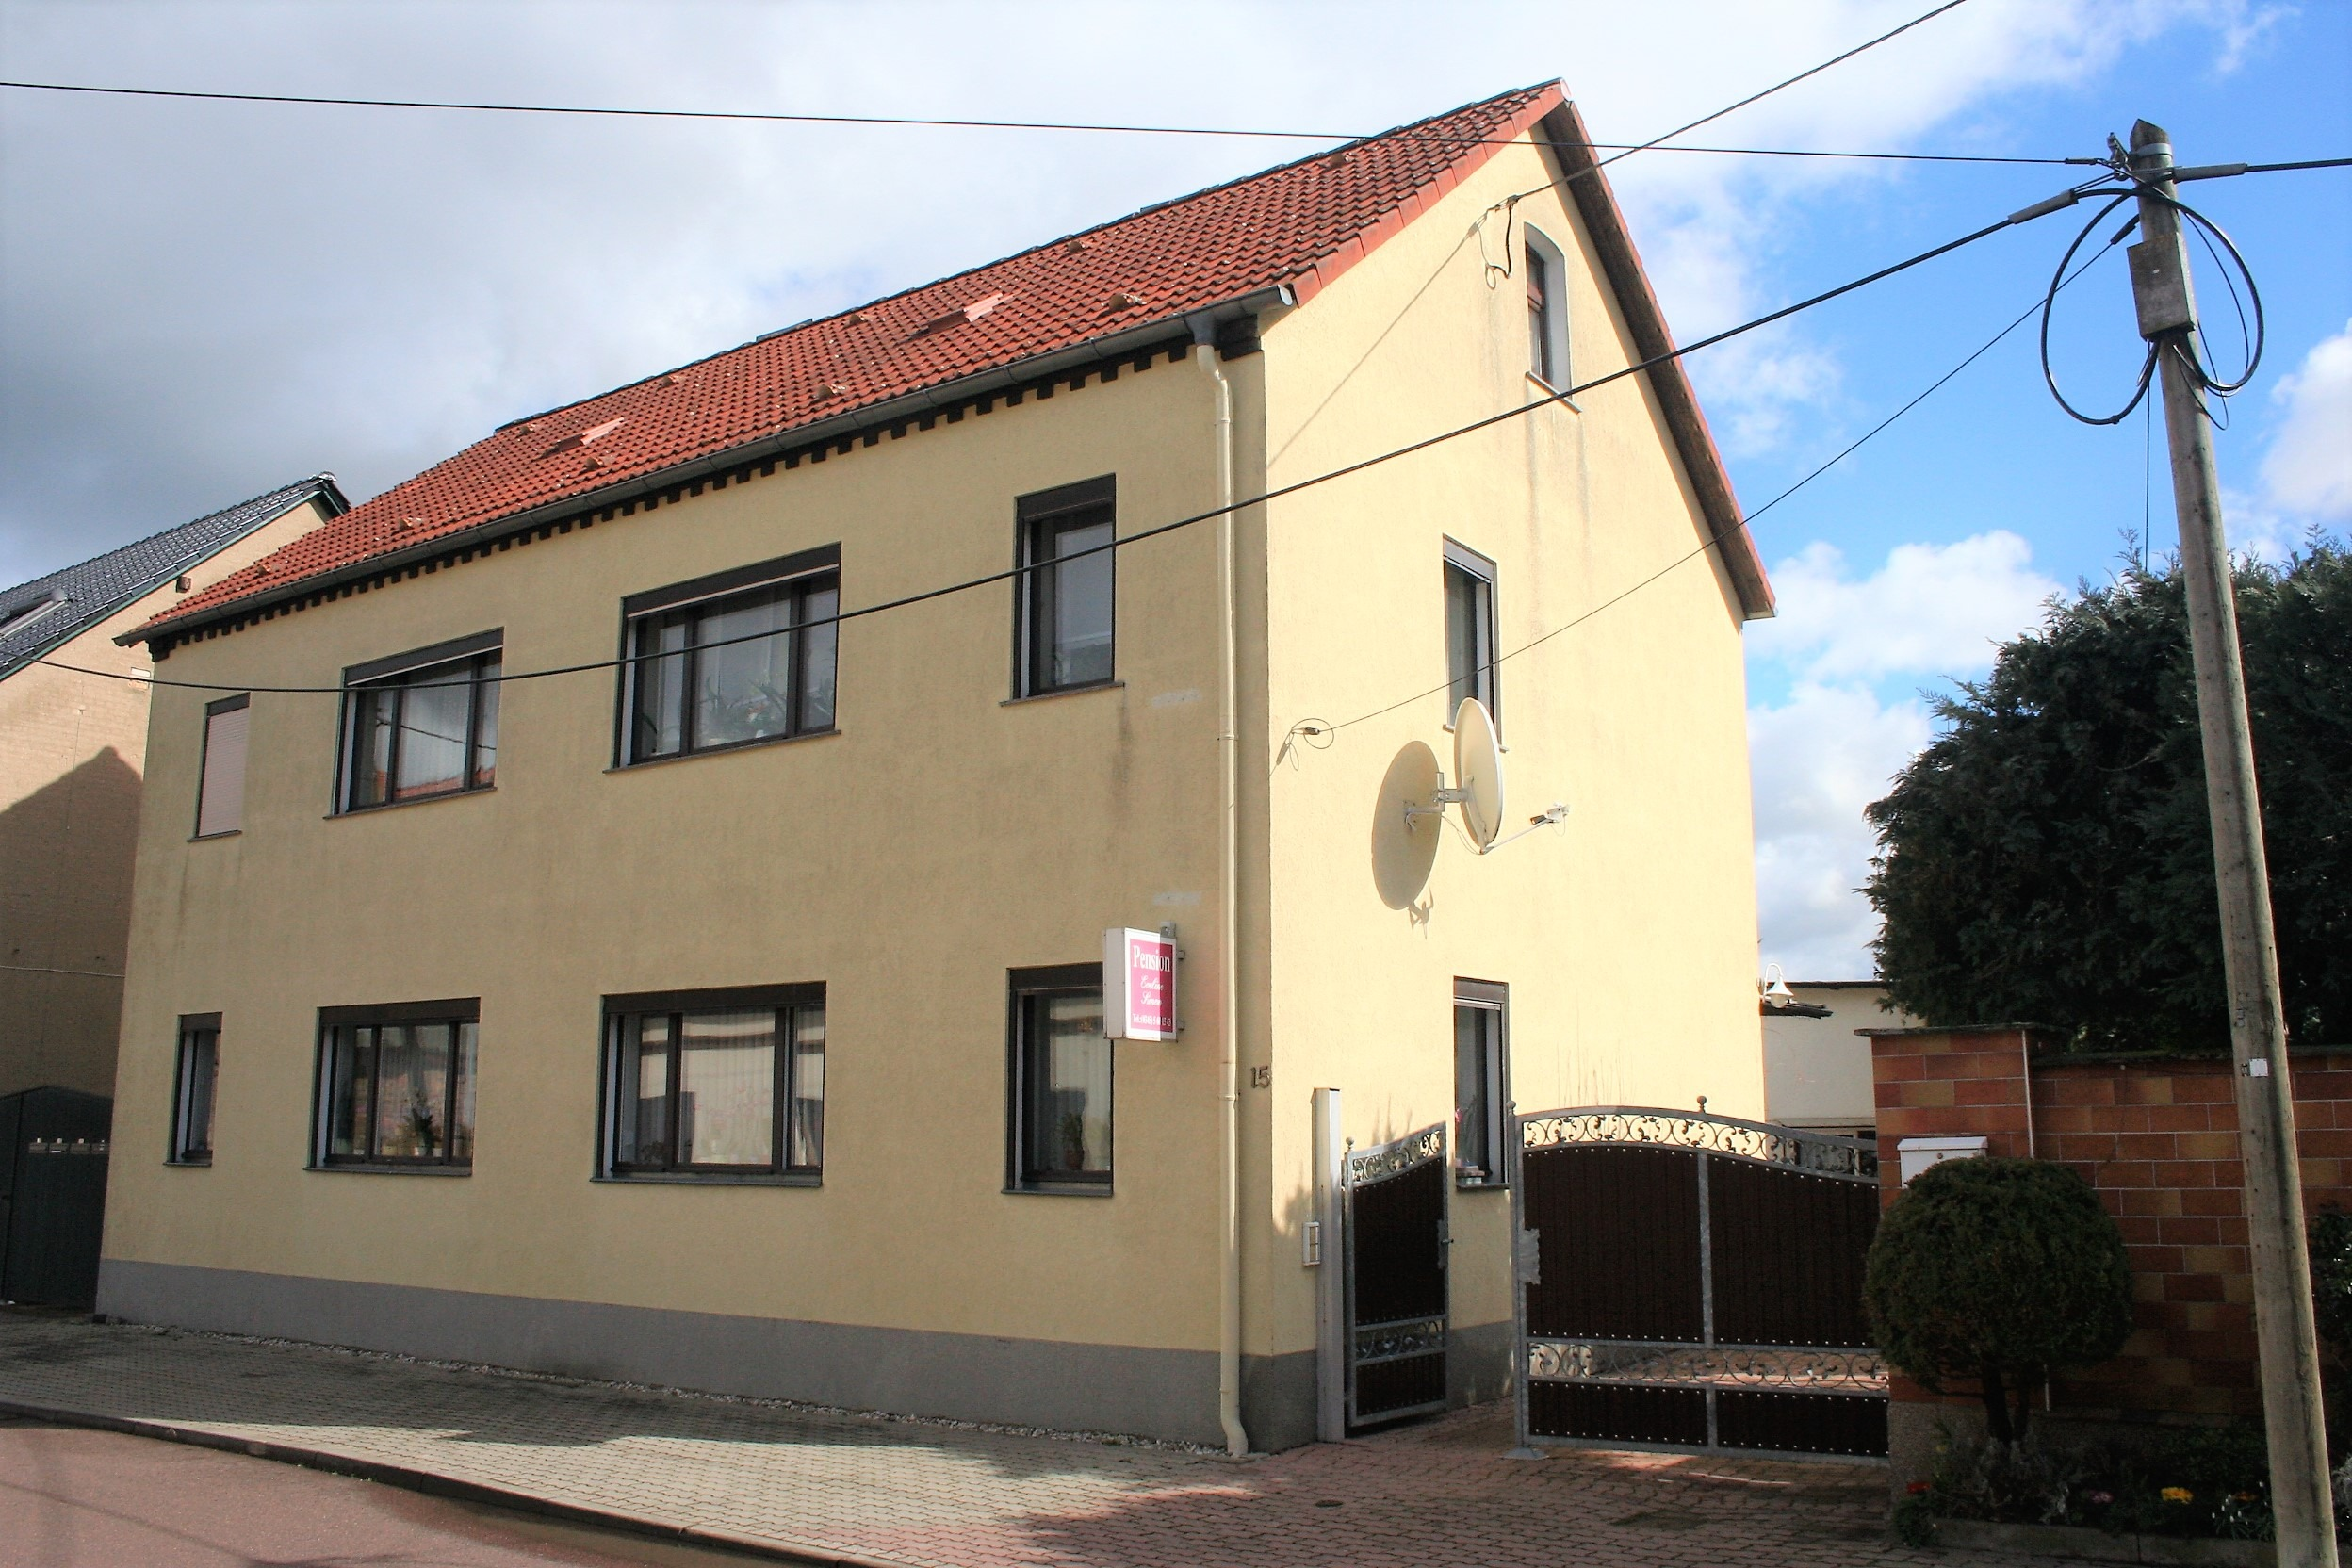 Mehrfamilienhaus/Pension in Peißen - Straßenansicht